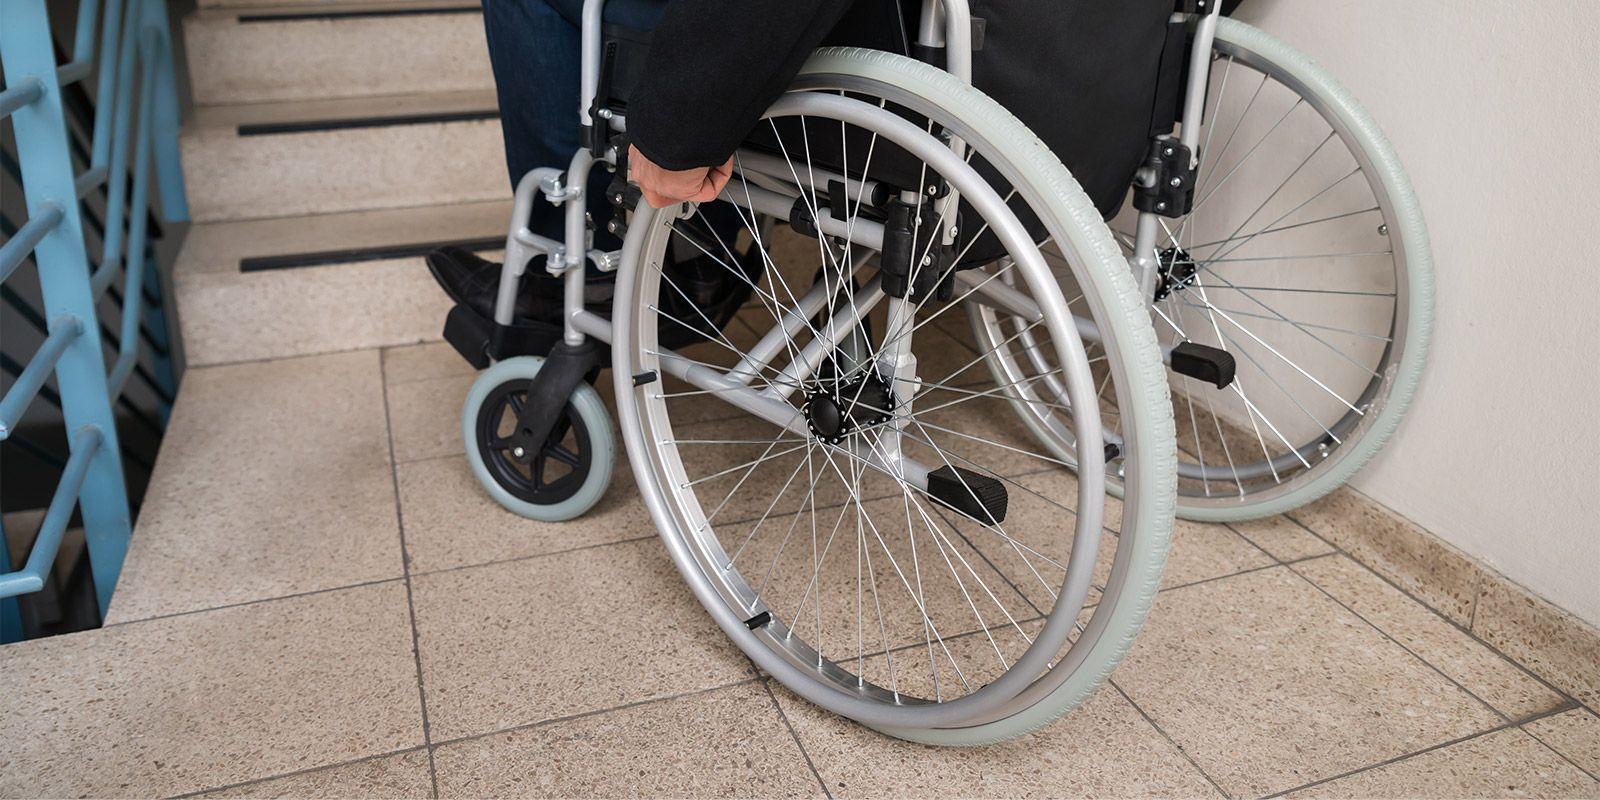 Программа «Доступная среда» будет рассчитана на реабилитацию людей с инвалидностью